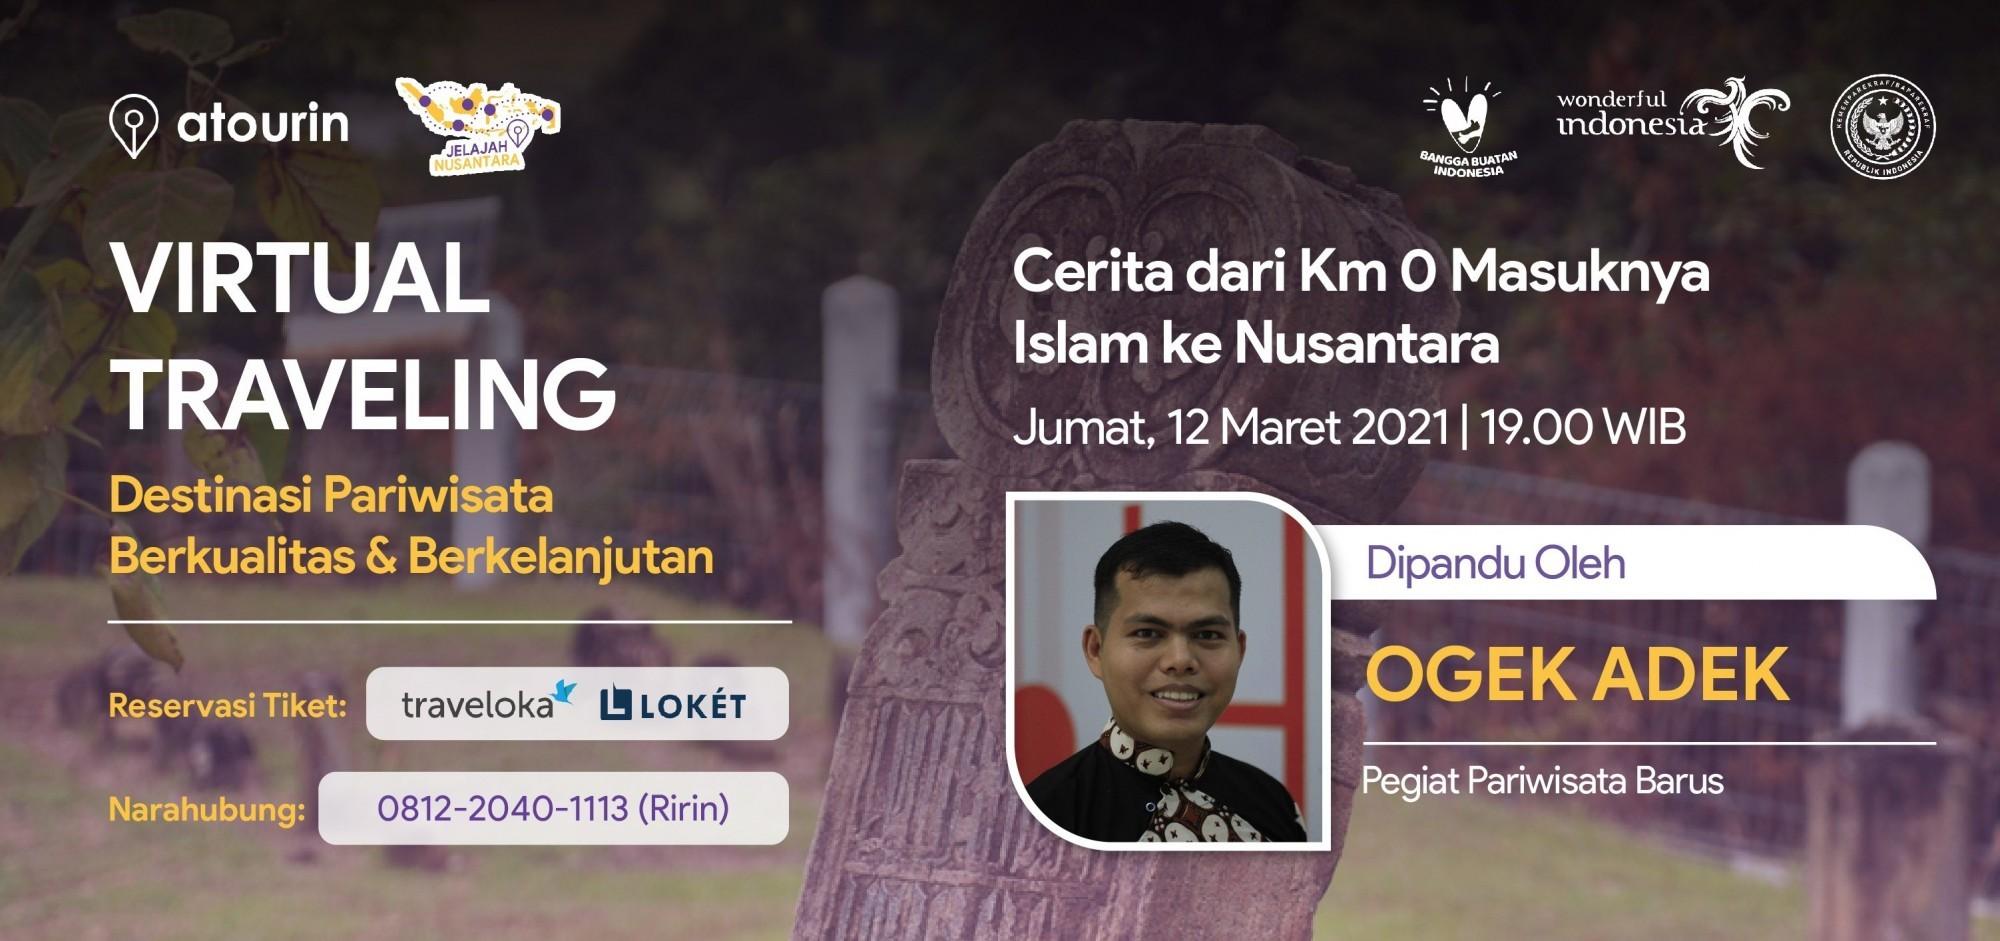 Cerita dari Km 0 Masuknya Islam ke Nusantara